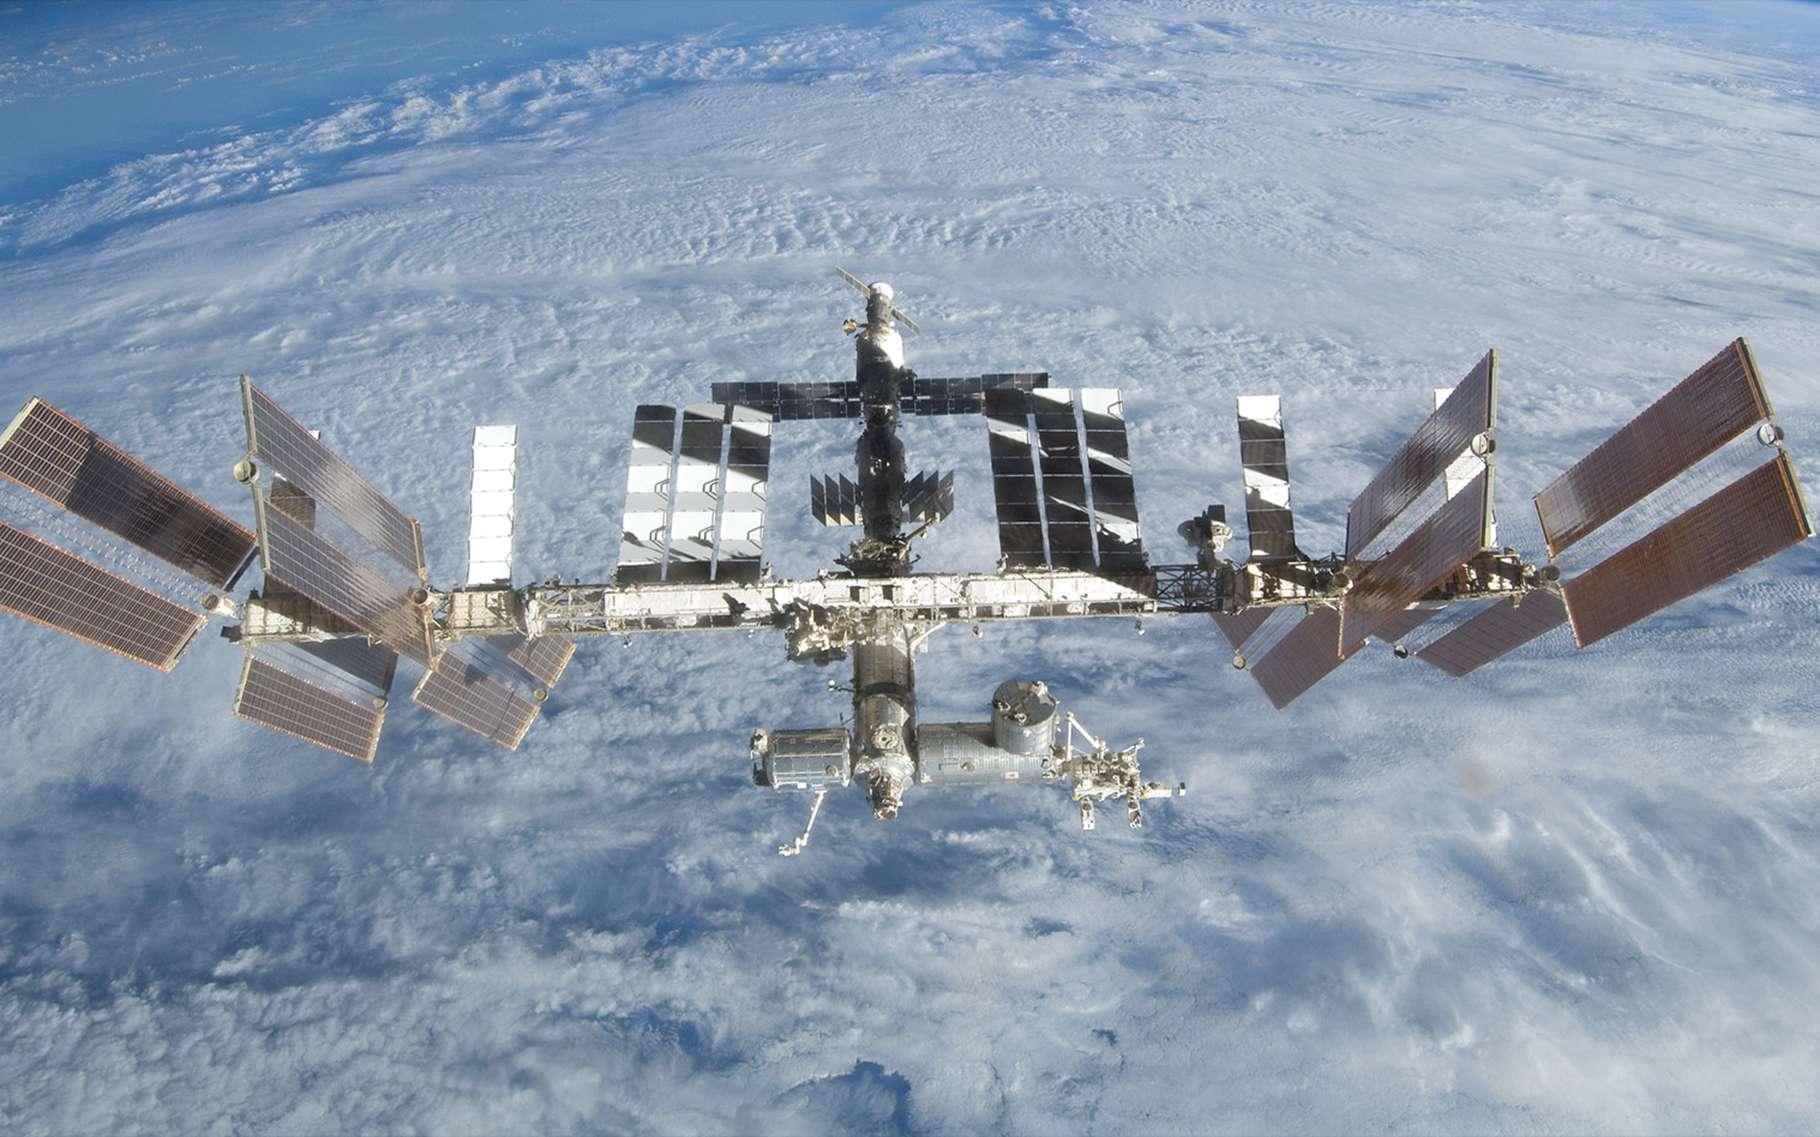 Depuis 1998, quelque 40 missions d'assemblages auront été nécessaires pour terminer la construction de la Station spatiale. D'ici à sa fin de vie, d'autres modules seront installés, dont un laboratoire russe équipé du bras robotique ERA de l'ESA. © Nasa